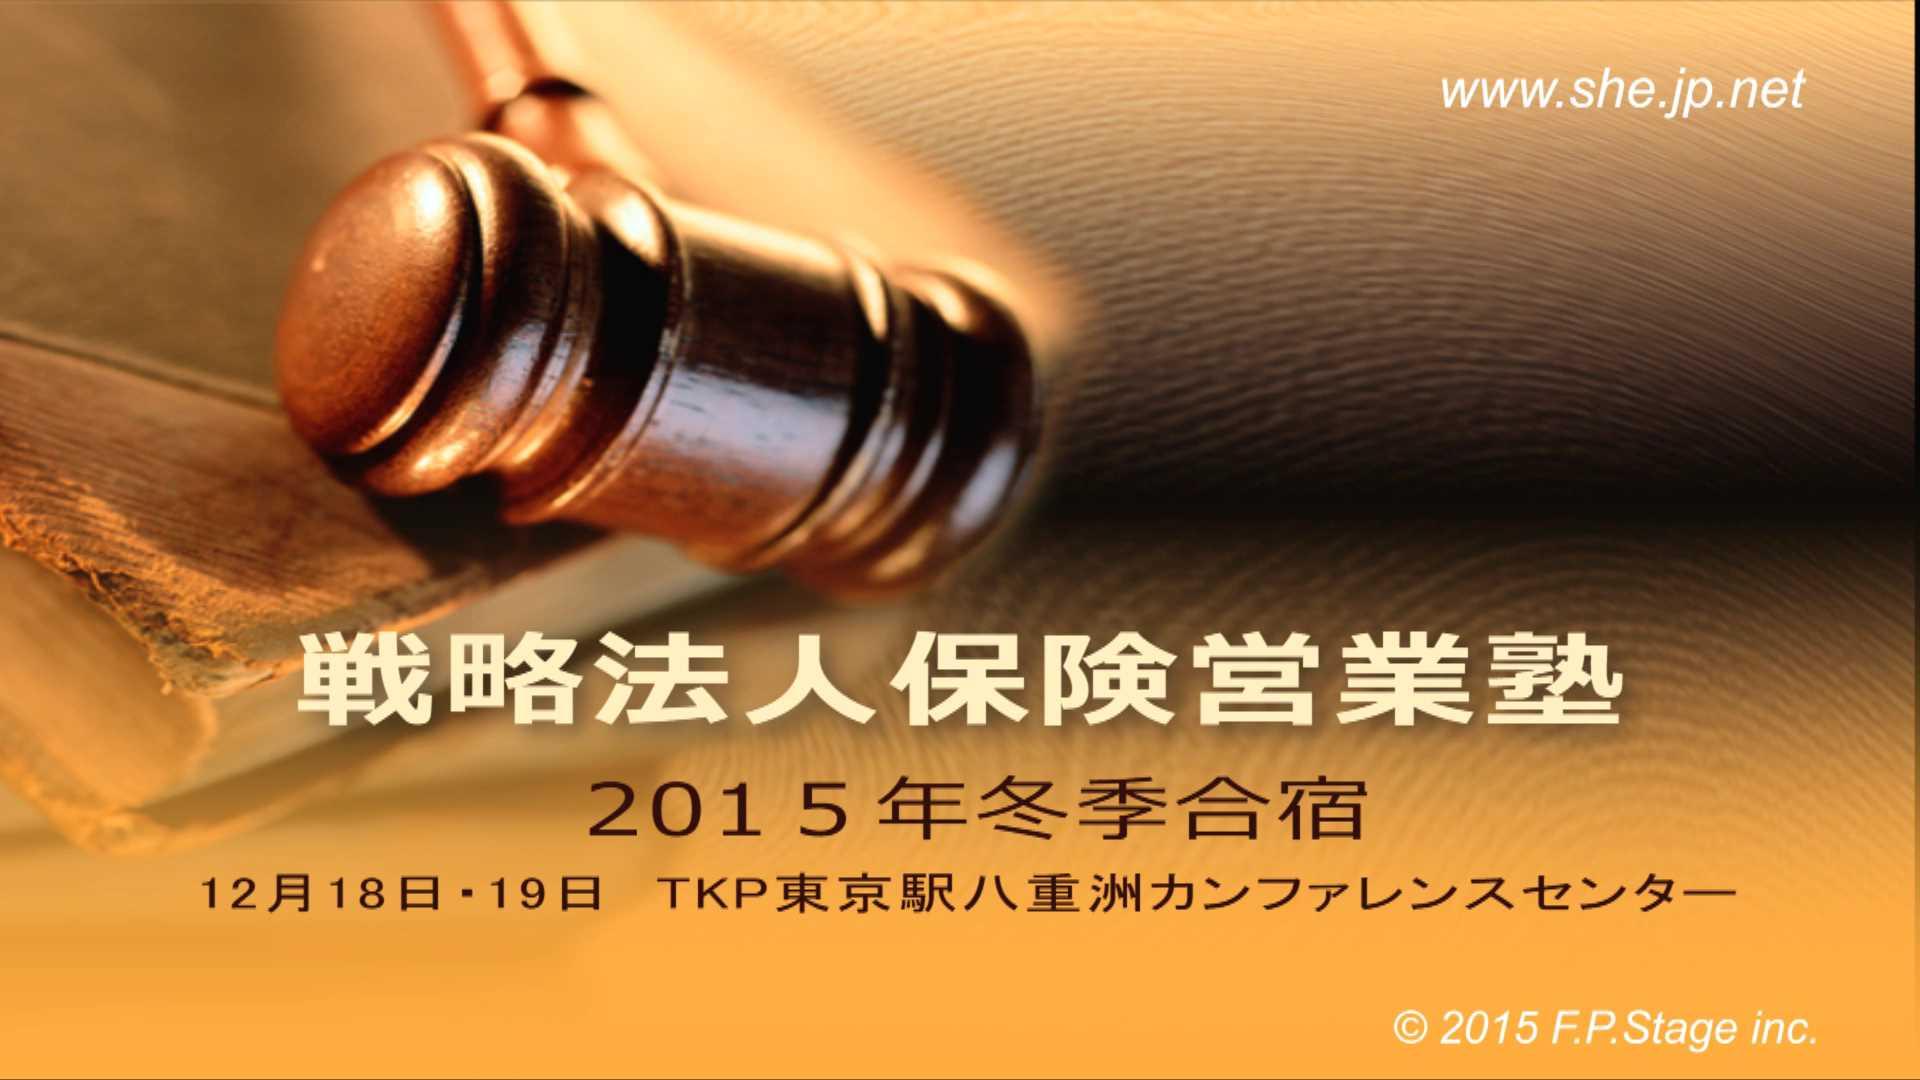 【受講者専用】 2015年12月LiveSHE合宿1日目勉強会ビデオ(メンバー限定)